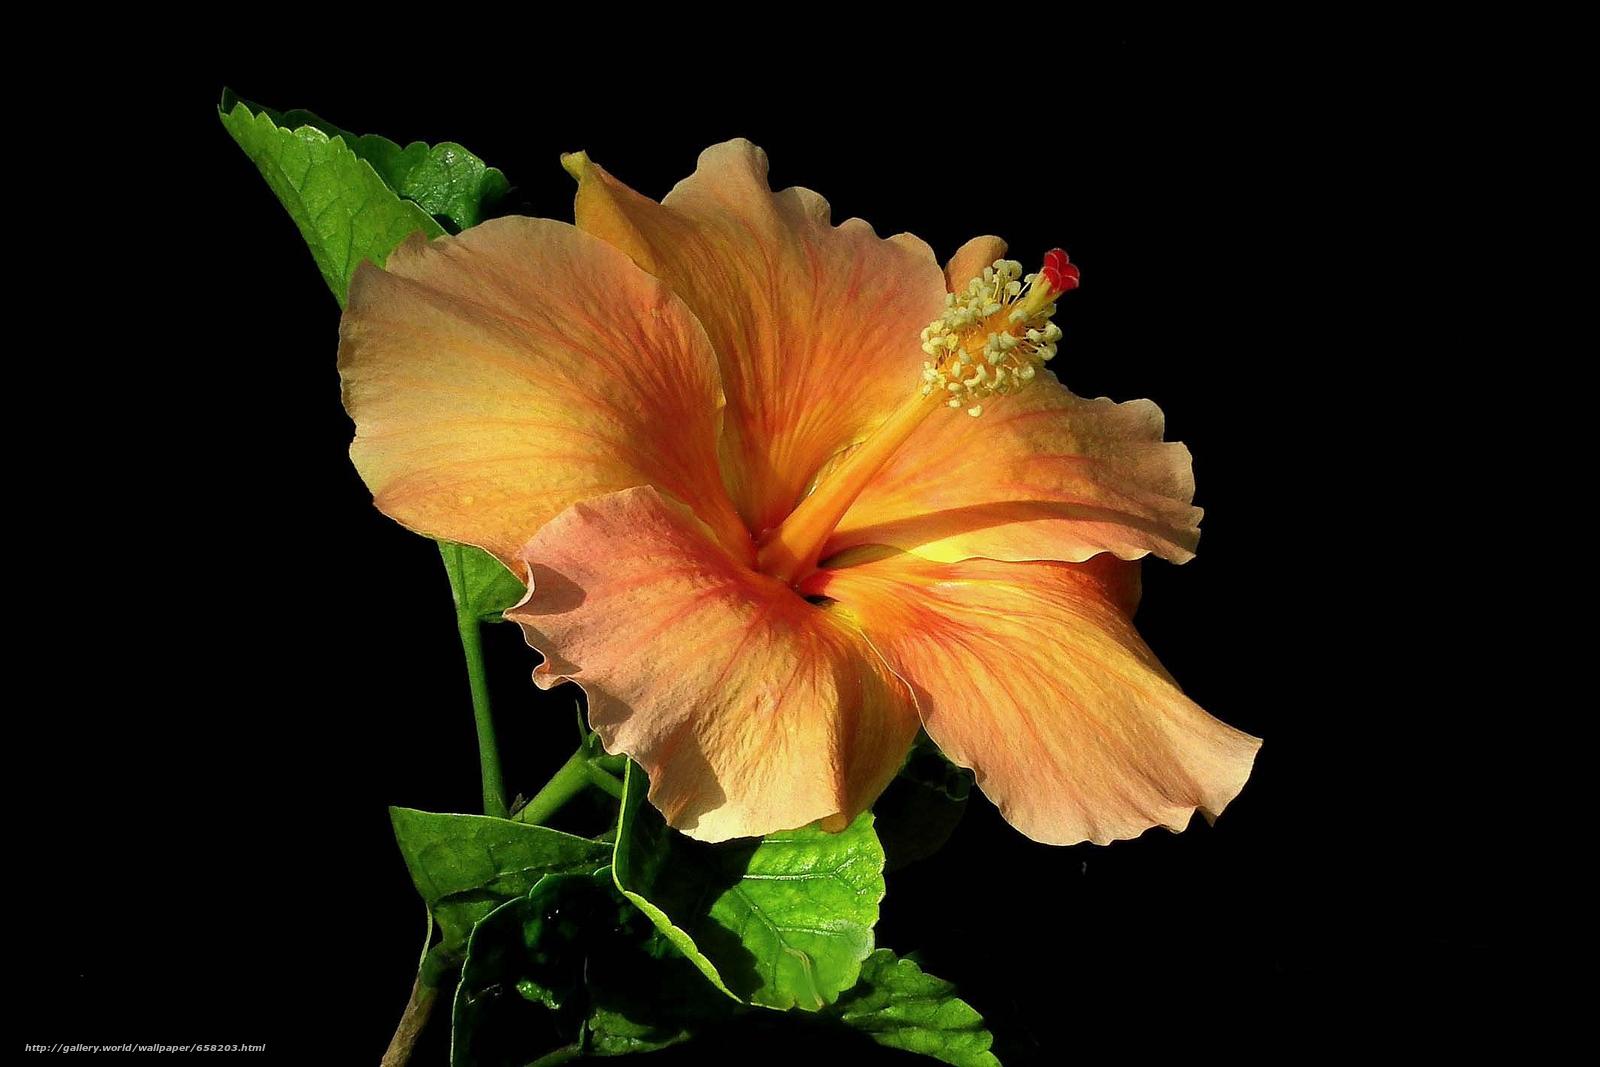 Скачать обои Гибискус,  Hibiscus,  цветы,  цветок бесплатно для рабочего стола в разрешении 2127x1418 — картинка №658203